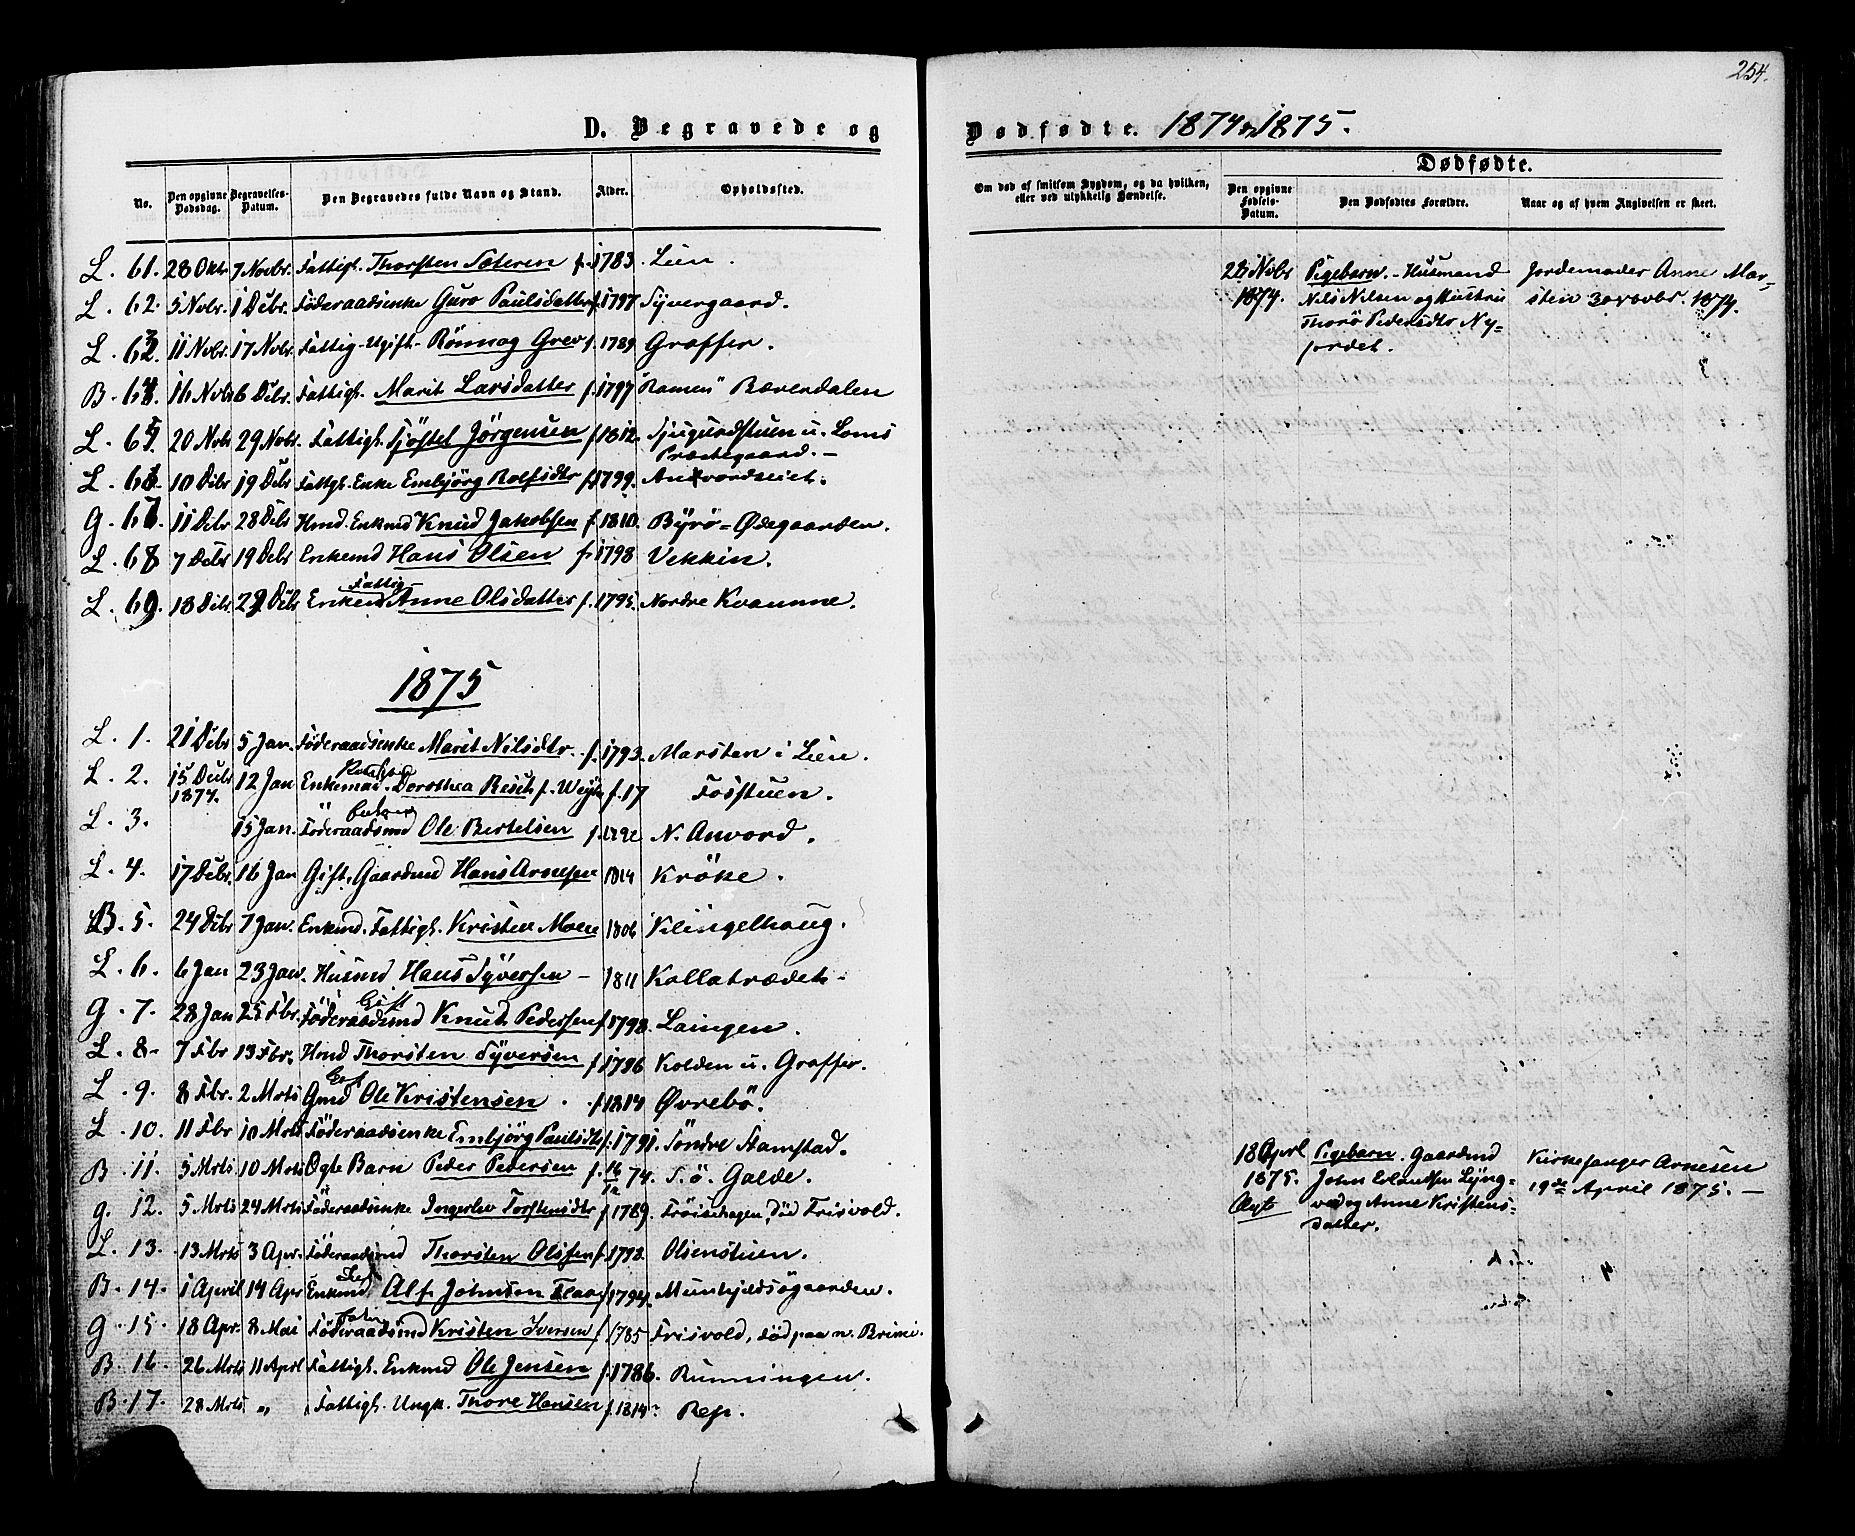 SAH, Lom prestekontor, K/L0007: Ministerialbok nr. 7, 1863-1884, s. 254